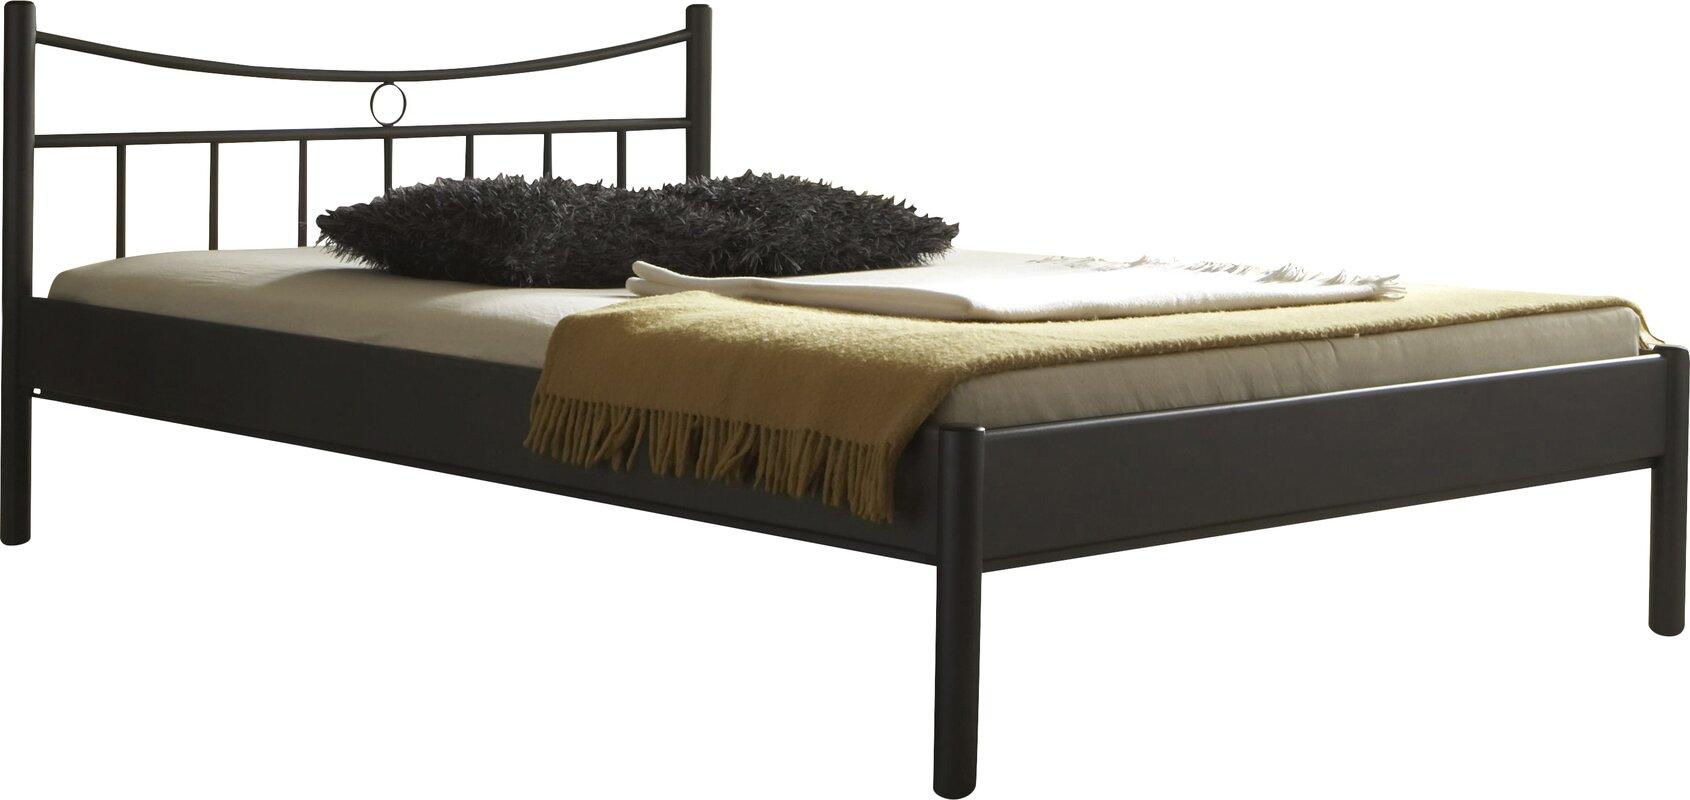 eisenbett schwarz cheap metallbett schwarz mit himmel himmelbett emilia metallbett eisenbett. Black Bedroom Furniture Sets. Home Design Ideas